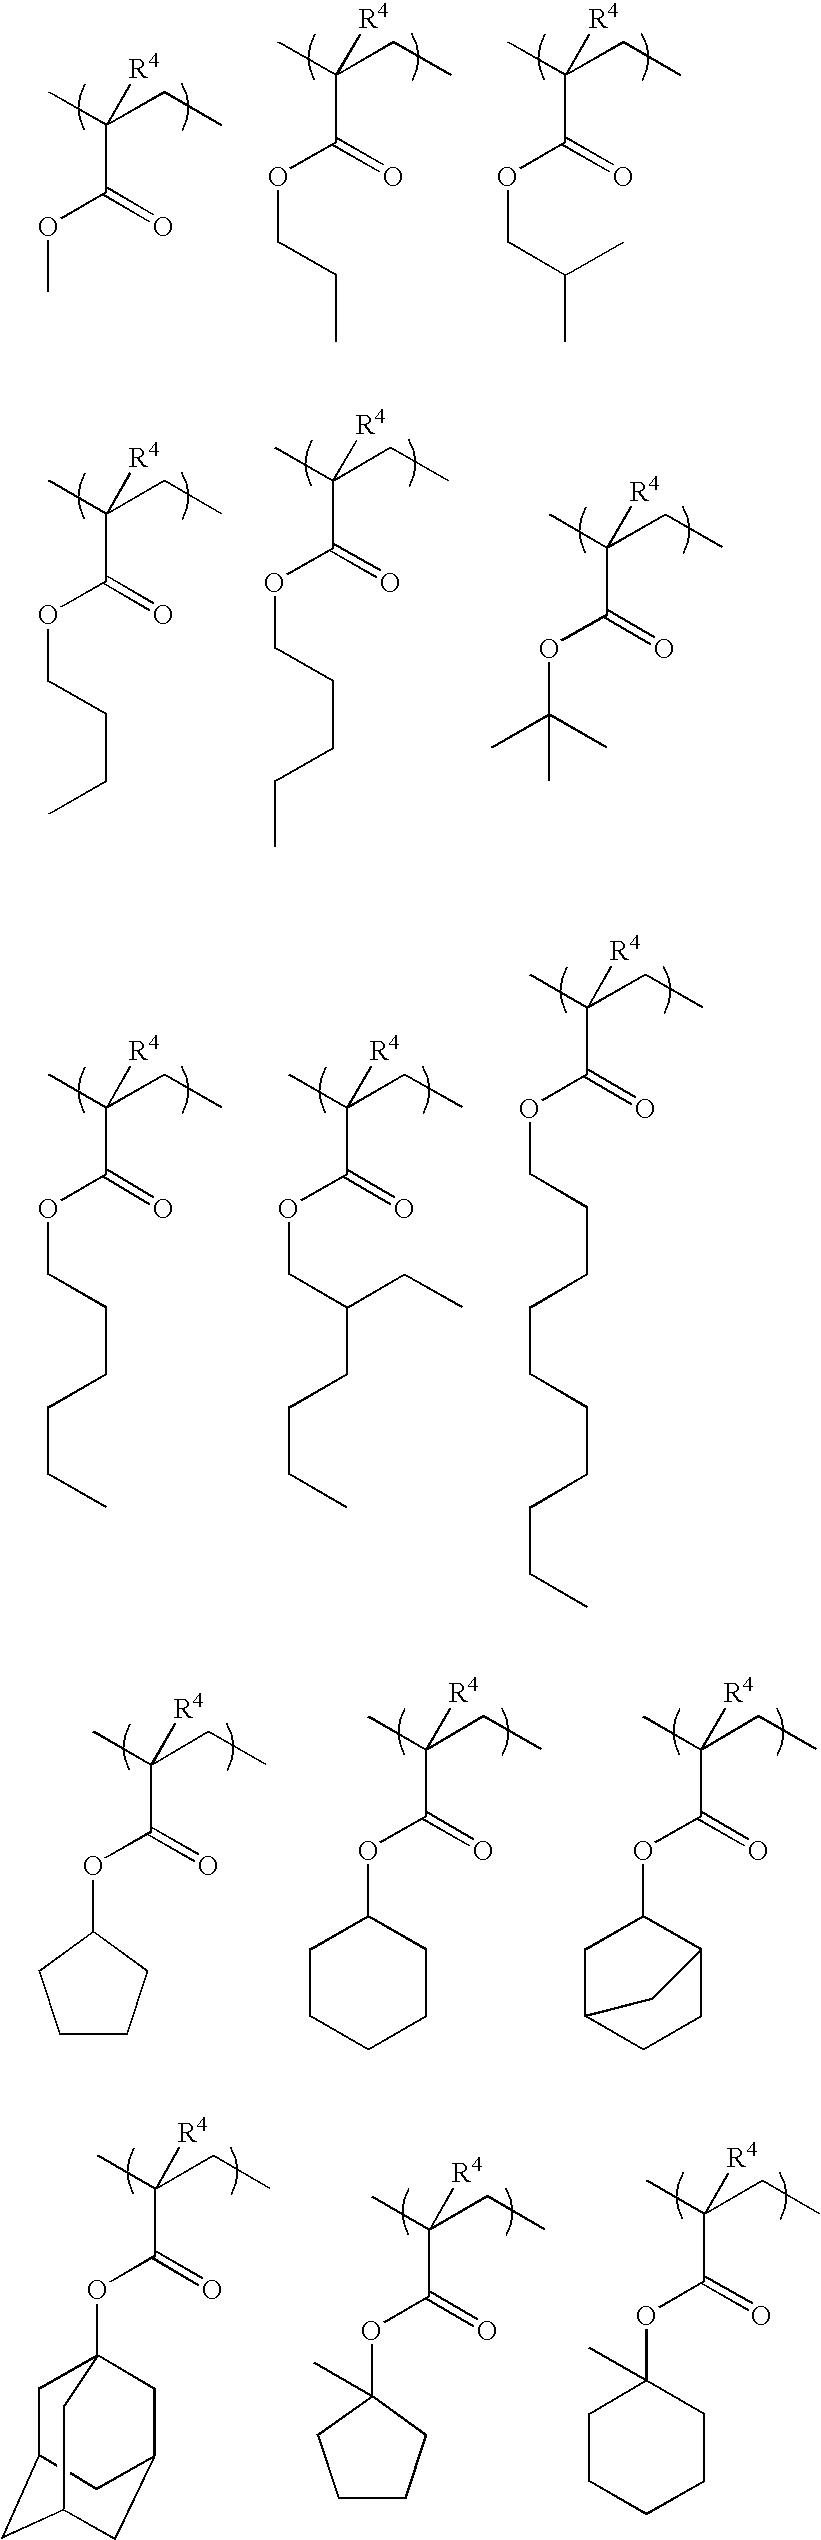 Figure US07771913-20100810-C00010